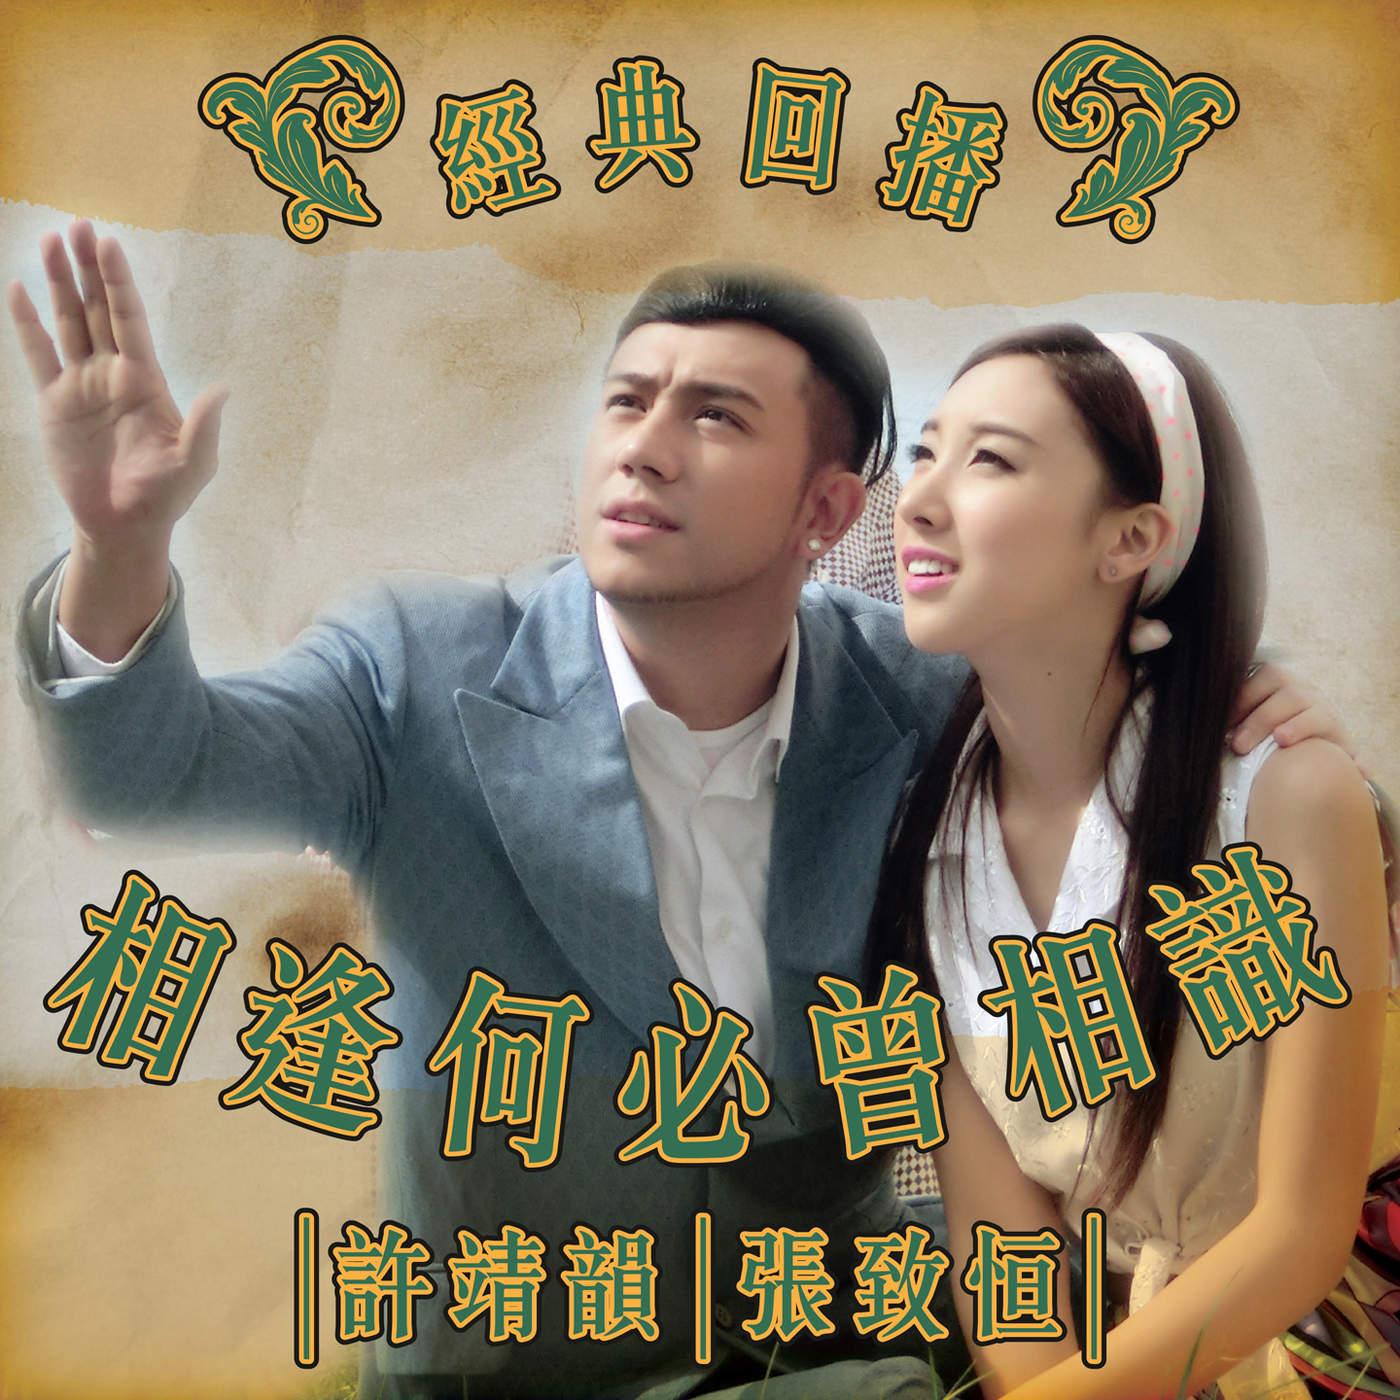 许靖韵 & 张致恒 - 相逢何必曾相识 - Single